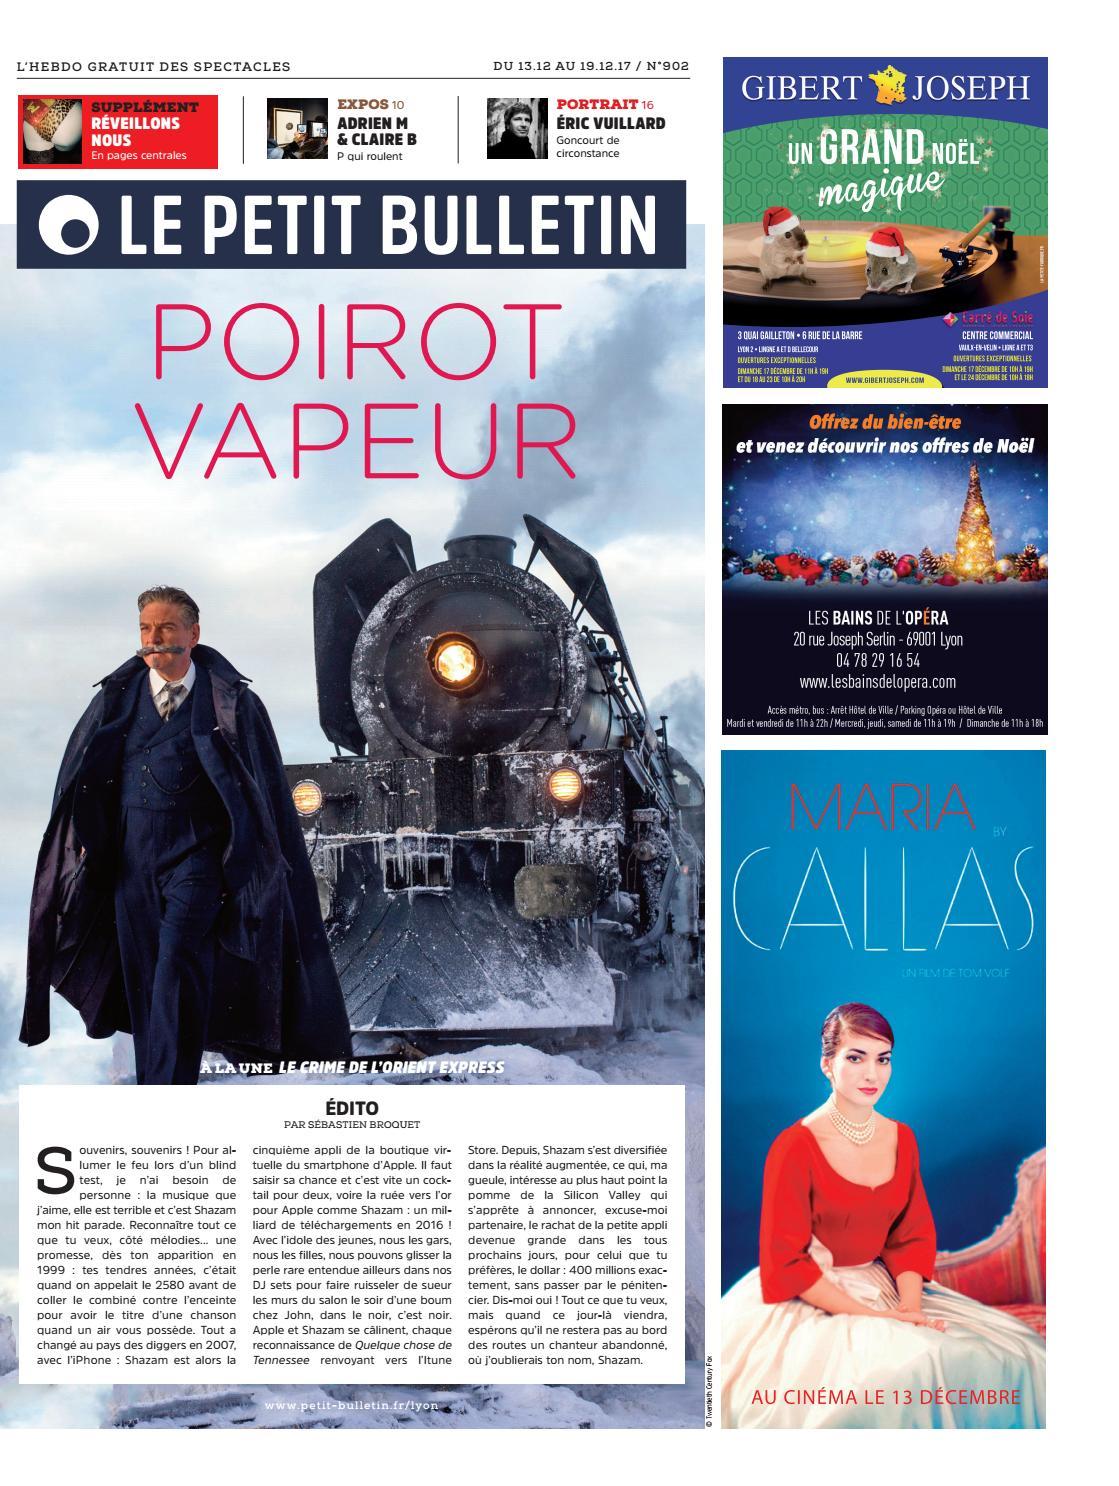 prix modéré commercialisable bons plans sur la mode Le Petit Bulletin - Lyon - 902 by Le Petit Bulletin - Lyon ...